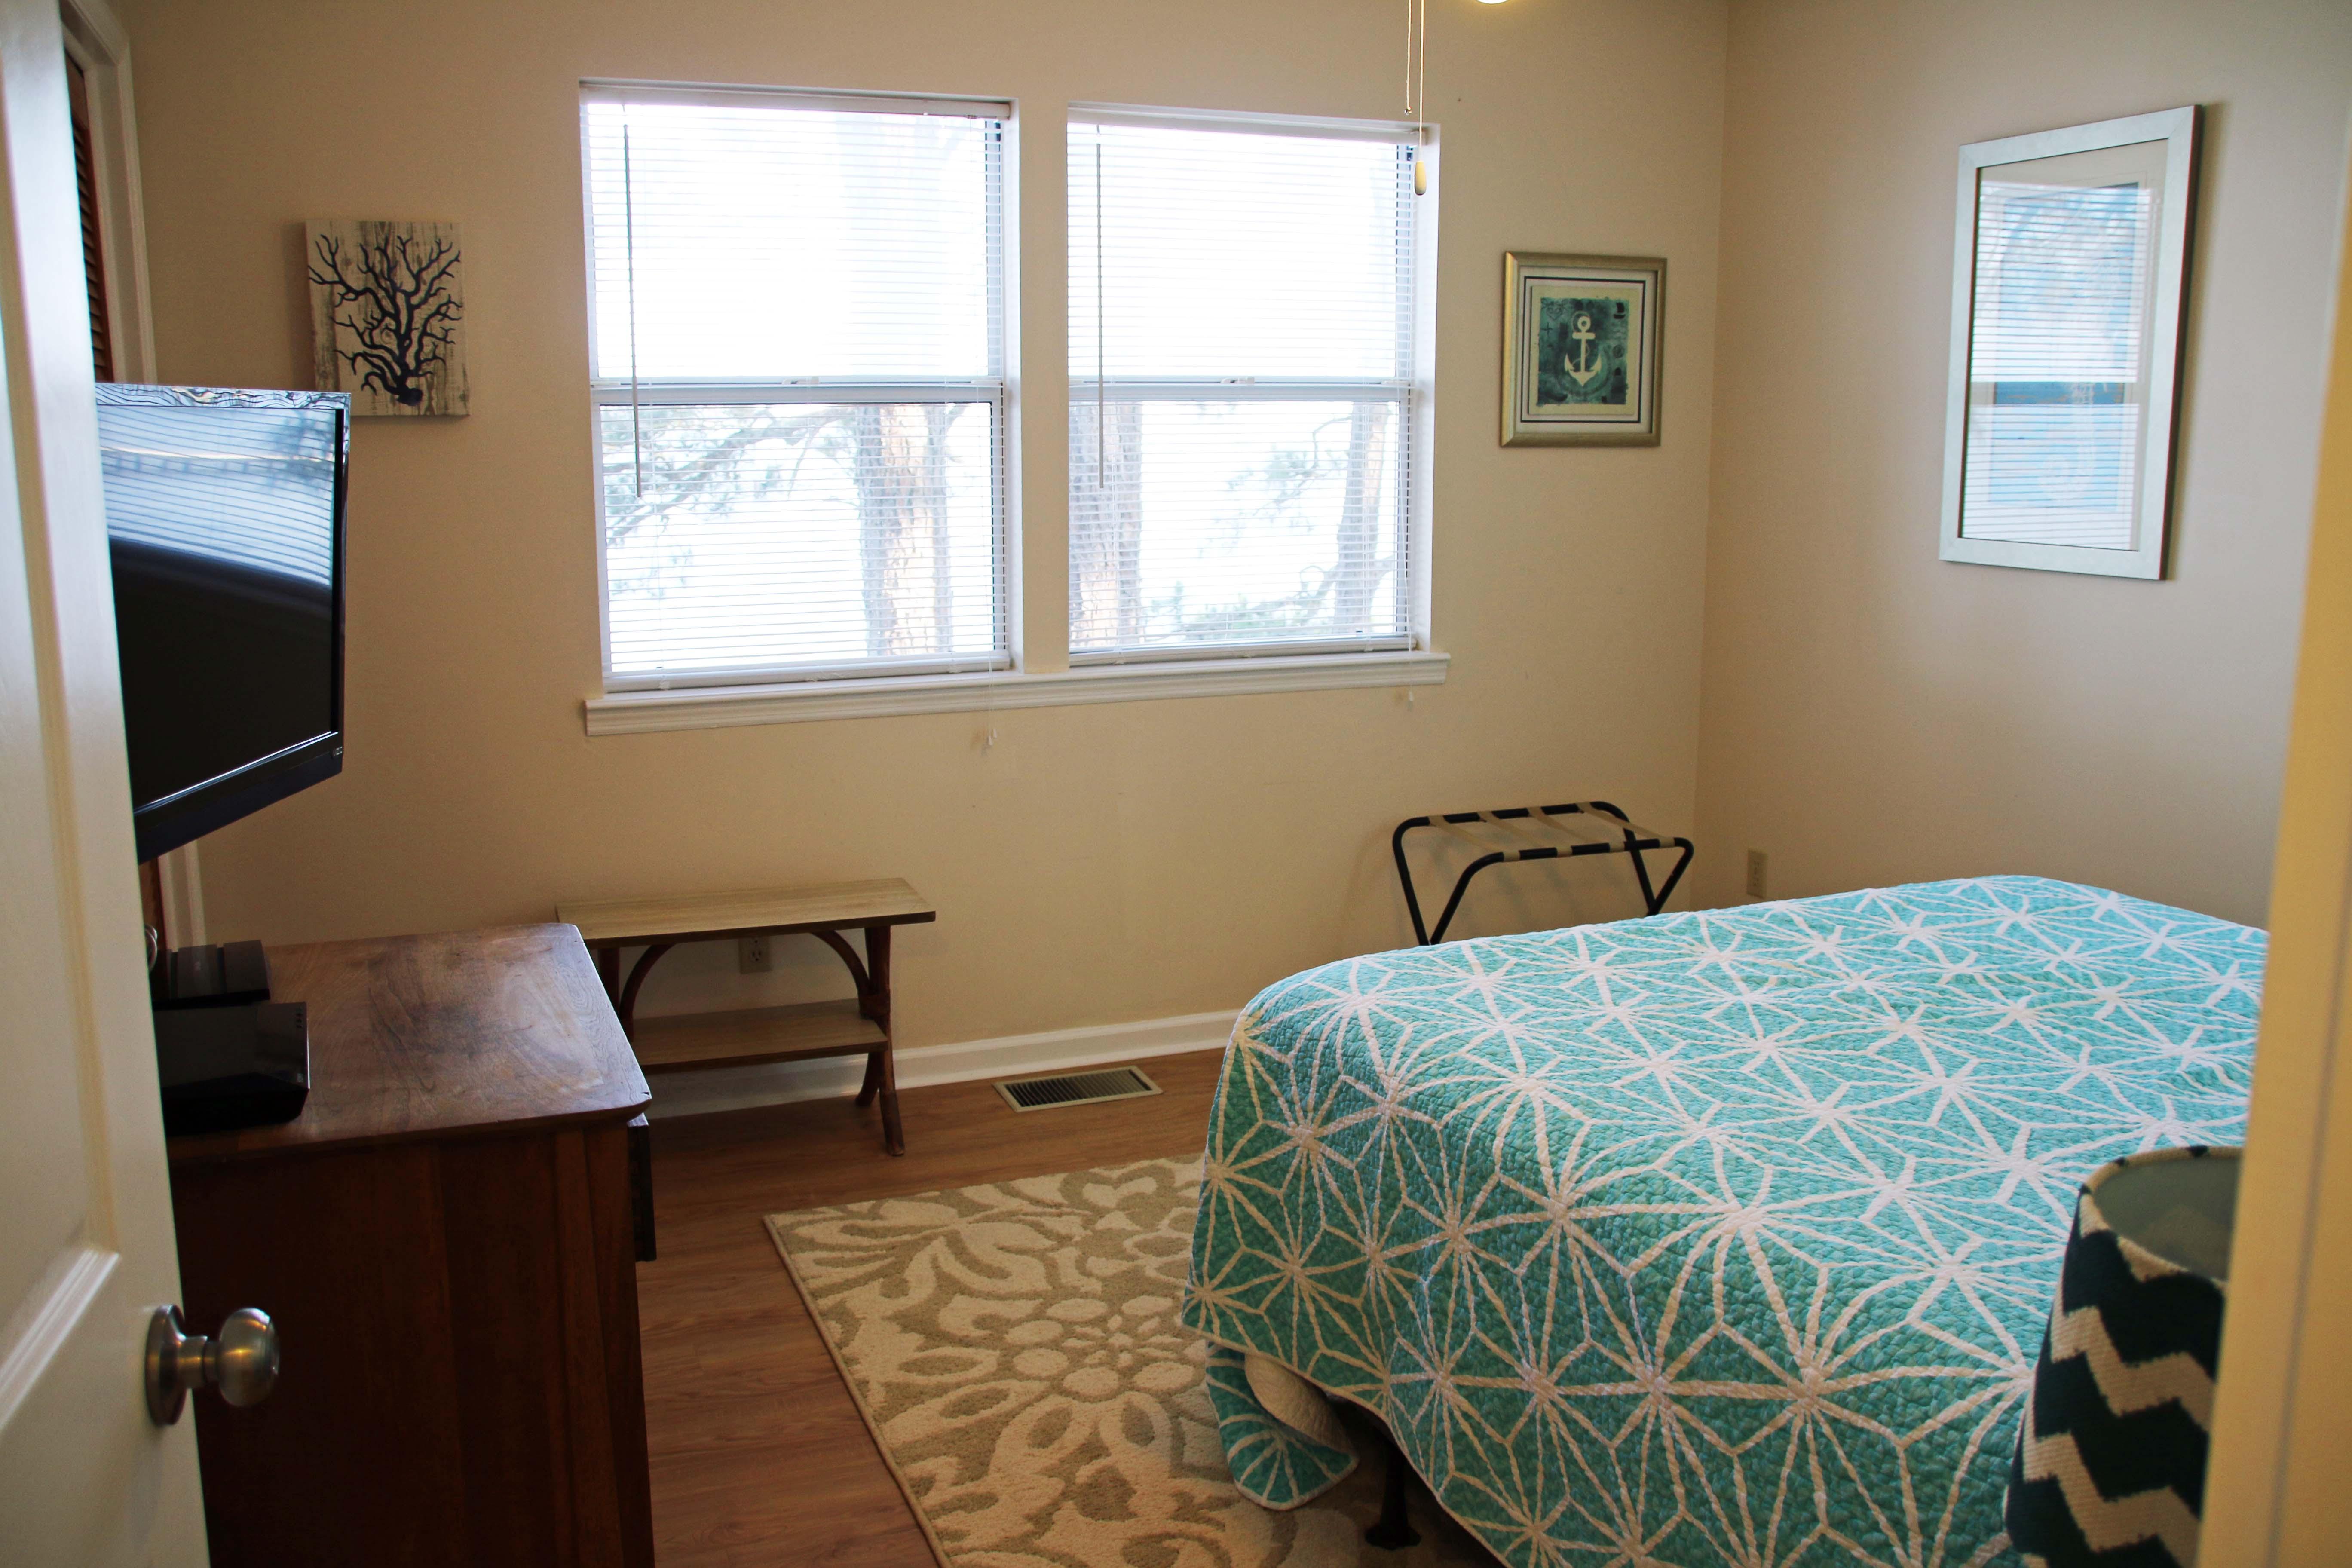 First Floor Bedroom 28 Images 1st Floor Bedroom